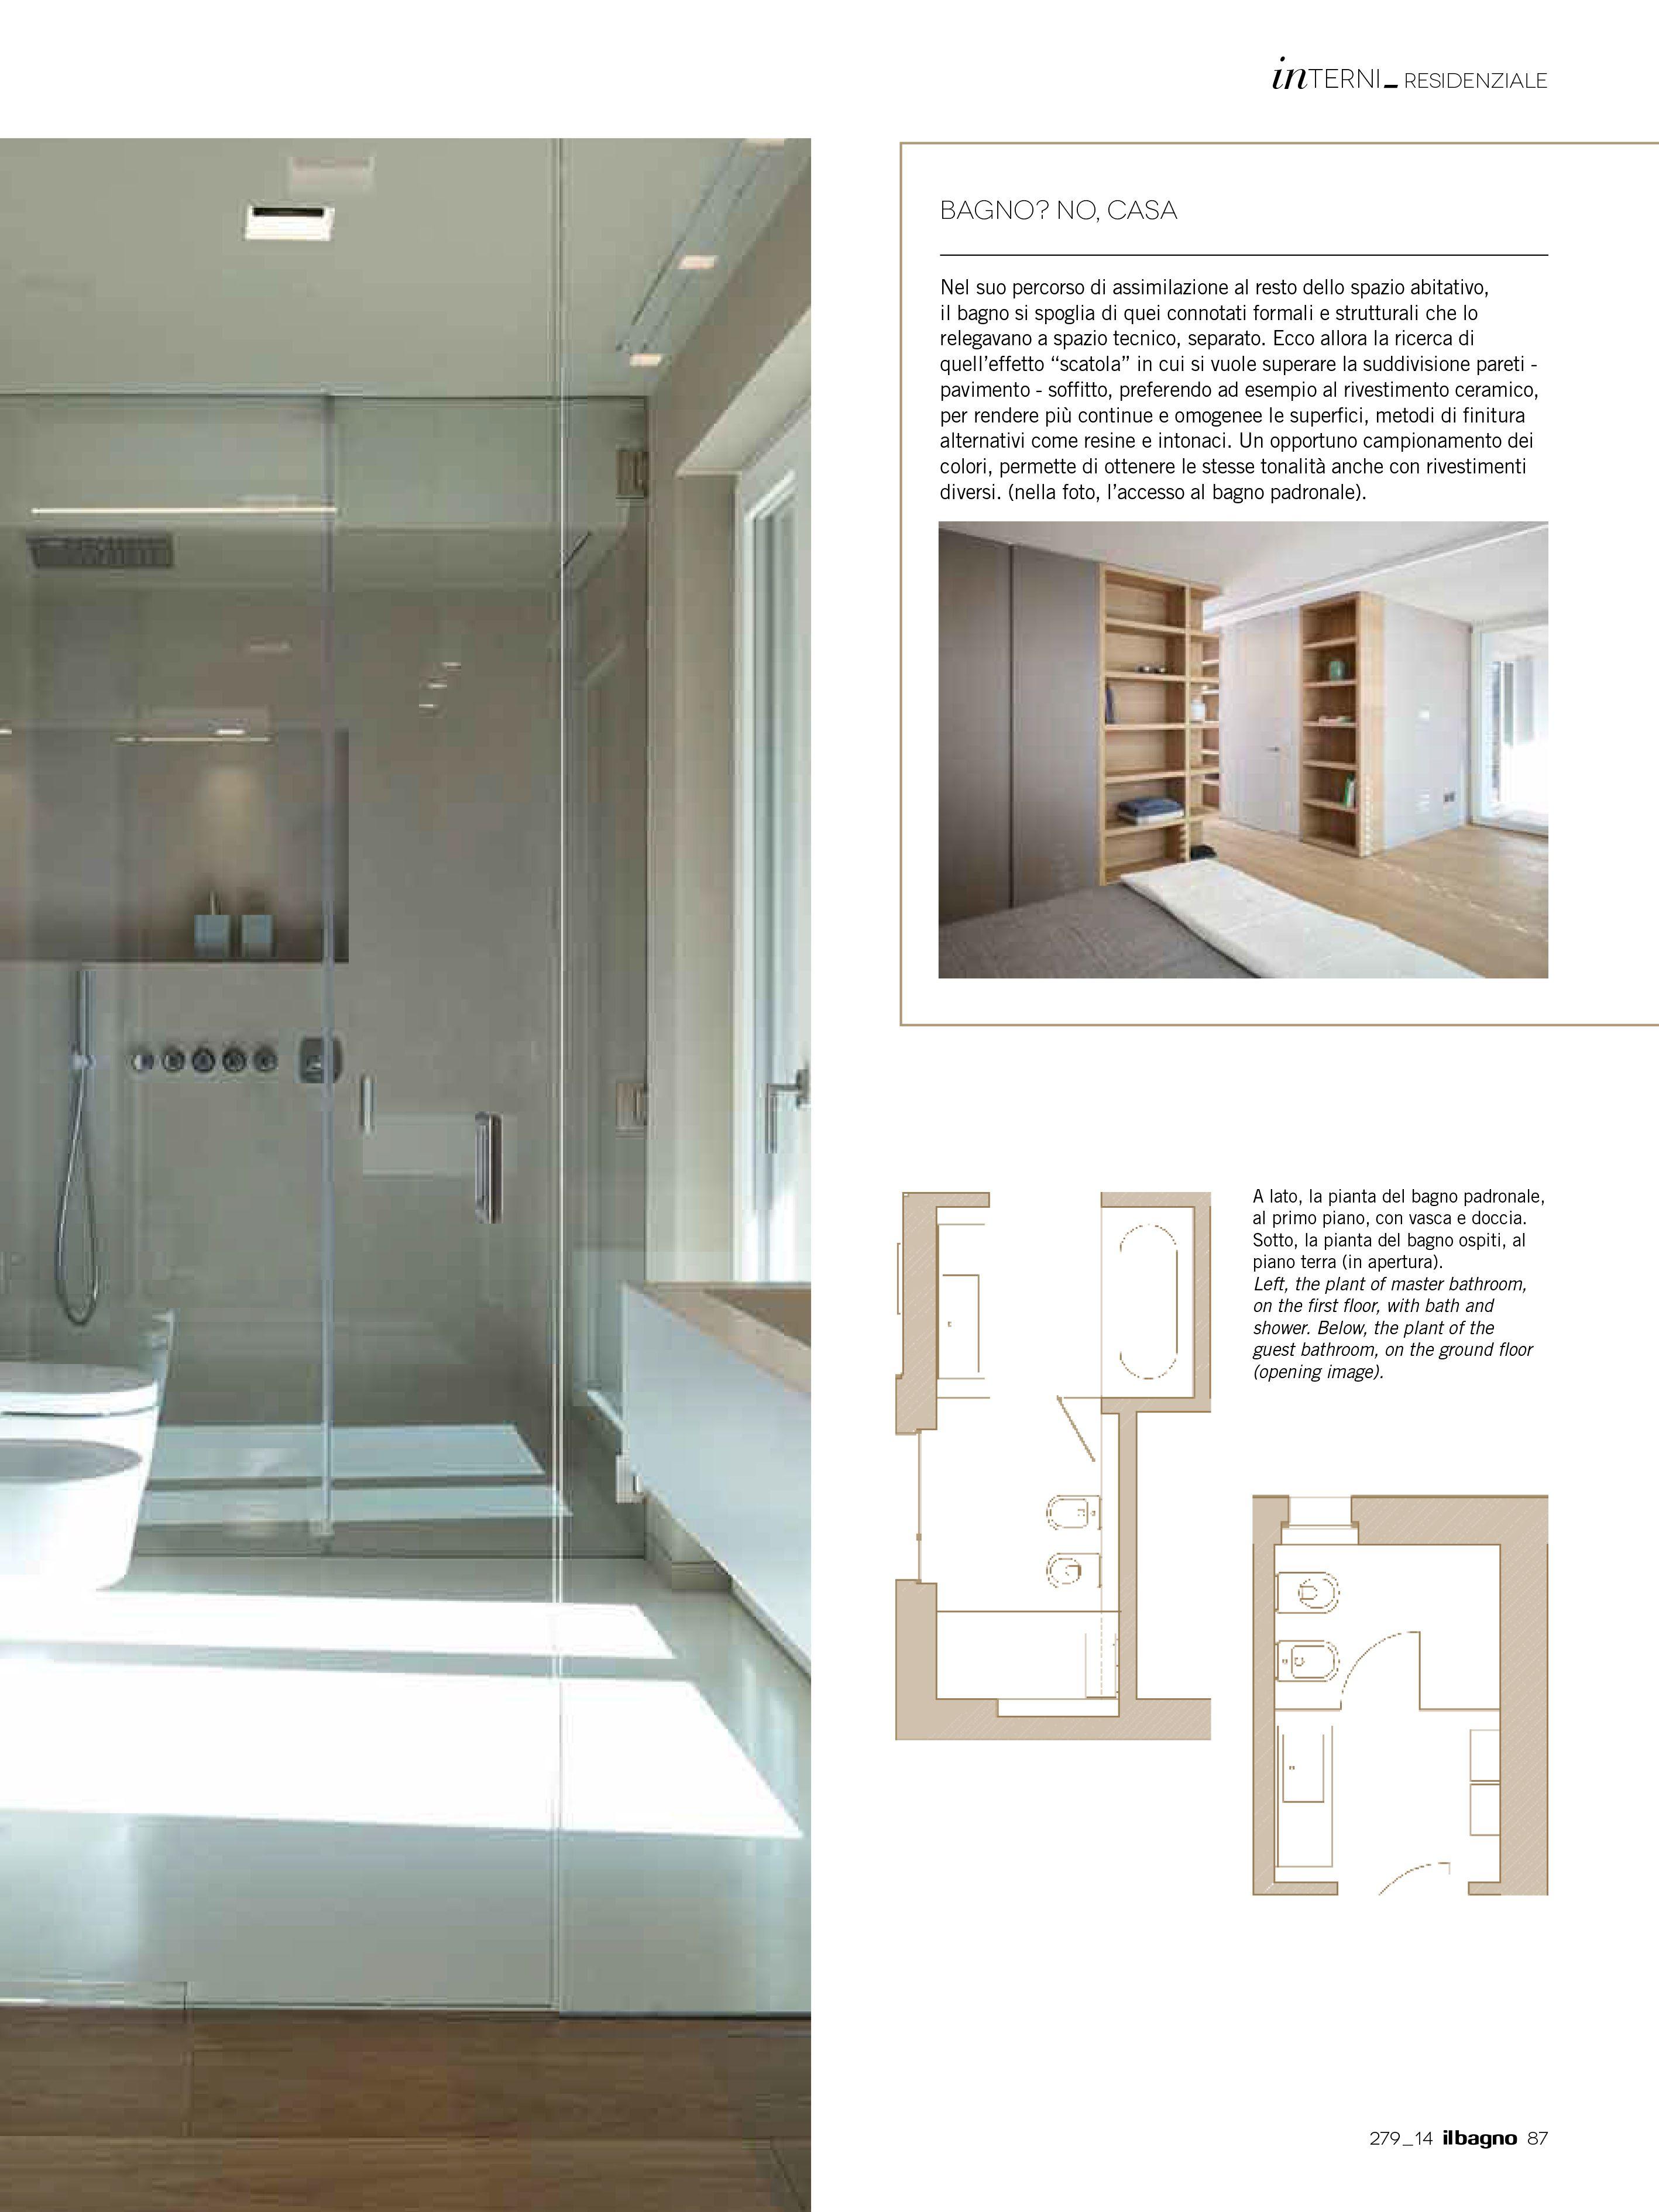 BFA   Il bagno oggi e domani, n.279.14 - April 2014 DBinformationspa #architecture #mountains #design #interior #contemporary #modern